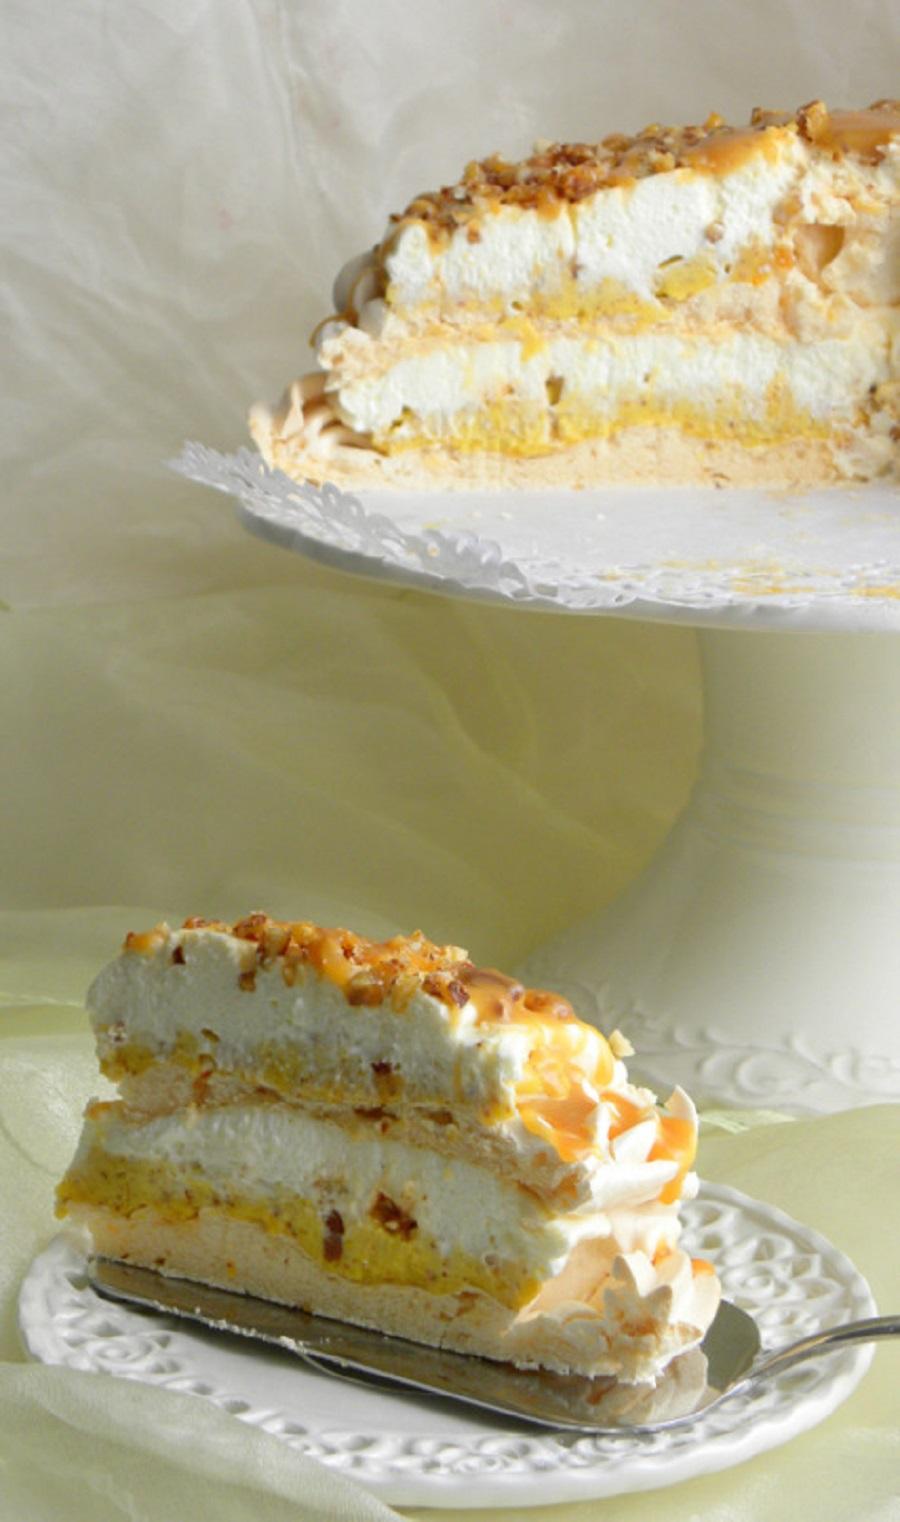 mindalnyj-krem-i-beze-tort